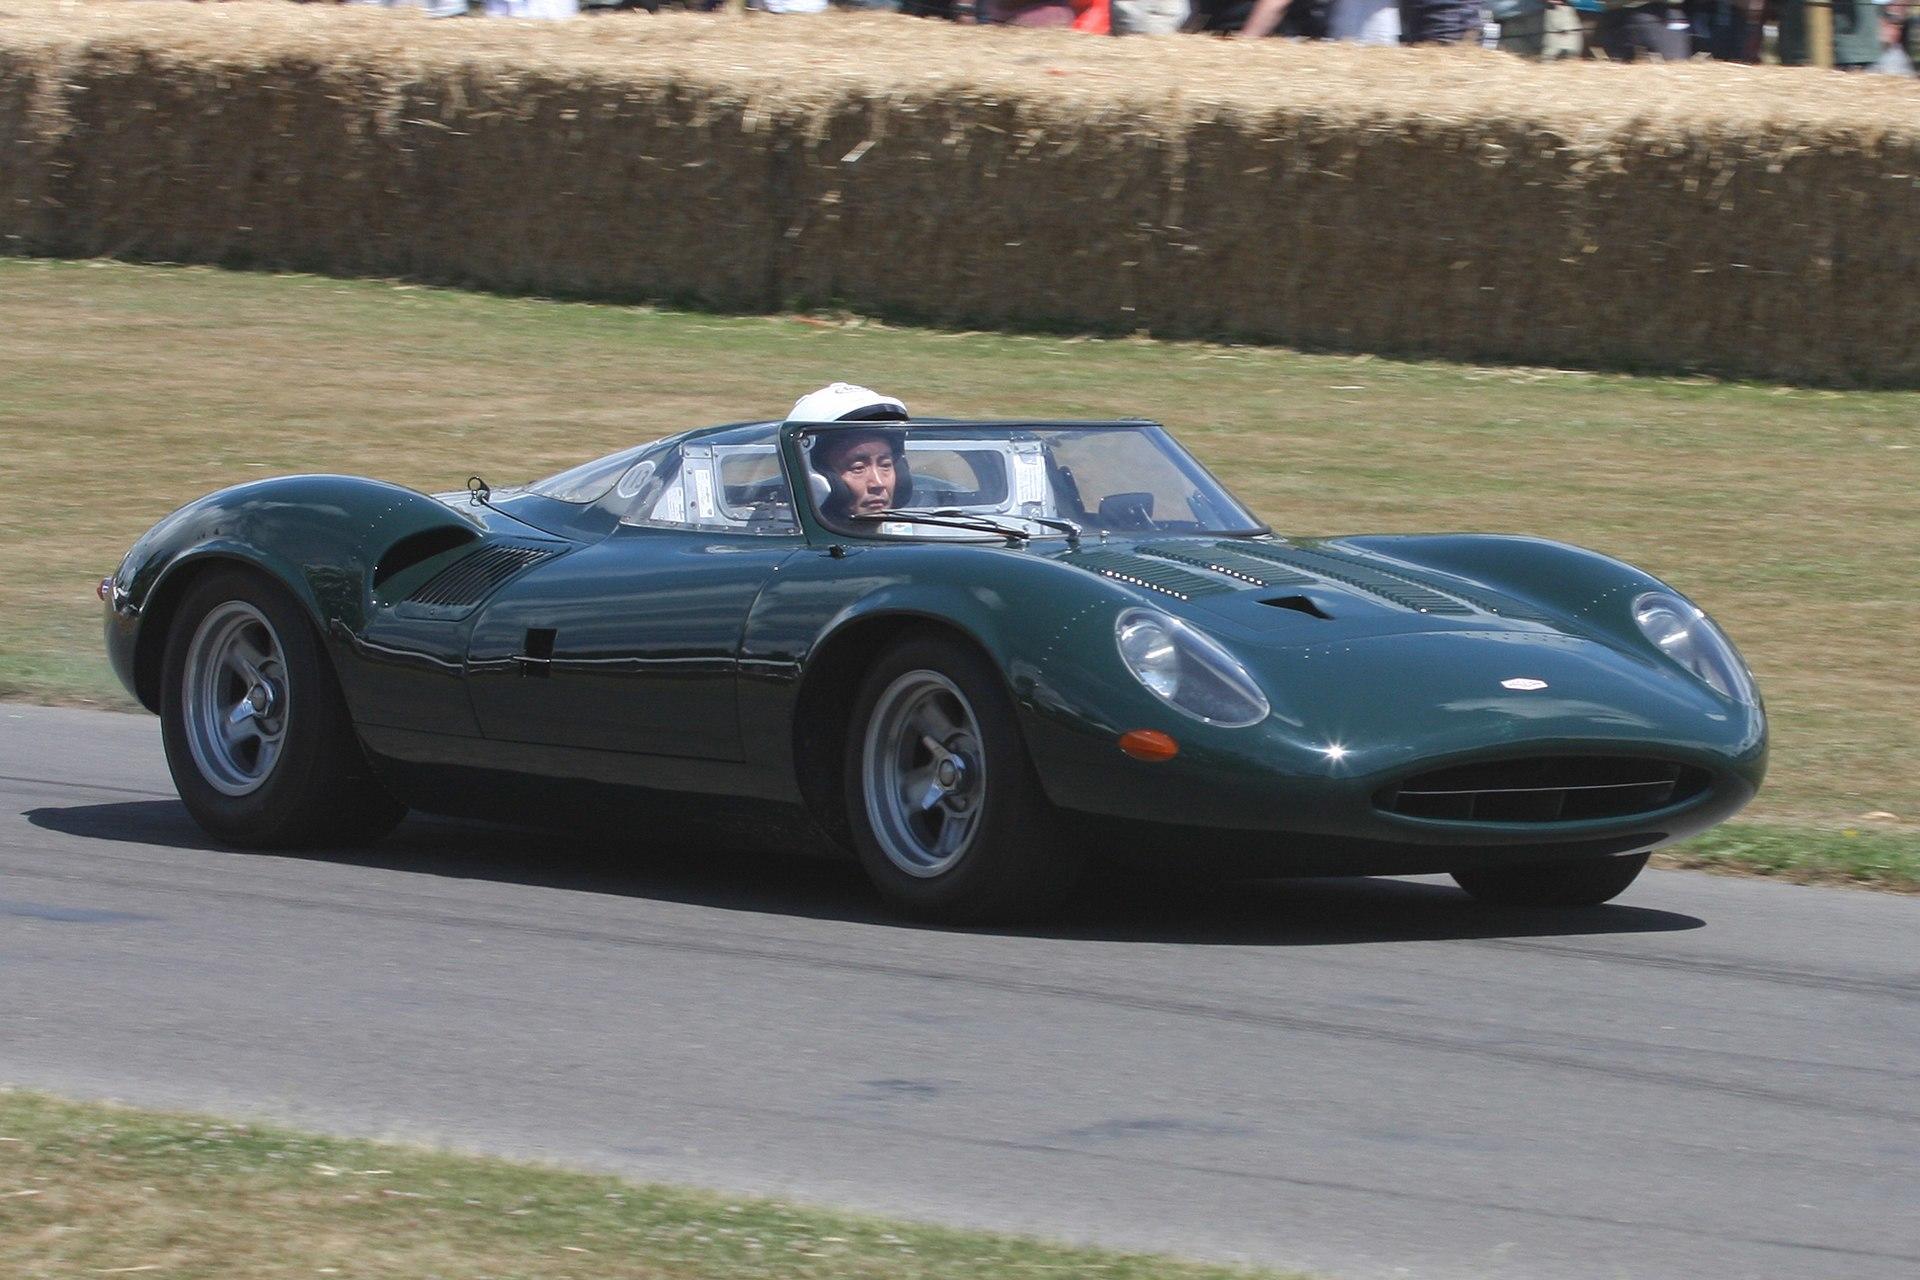 GTA5 中的那些跑车原型插图5